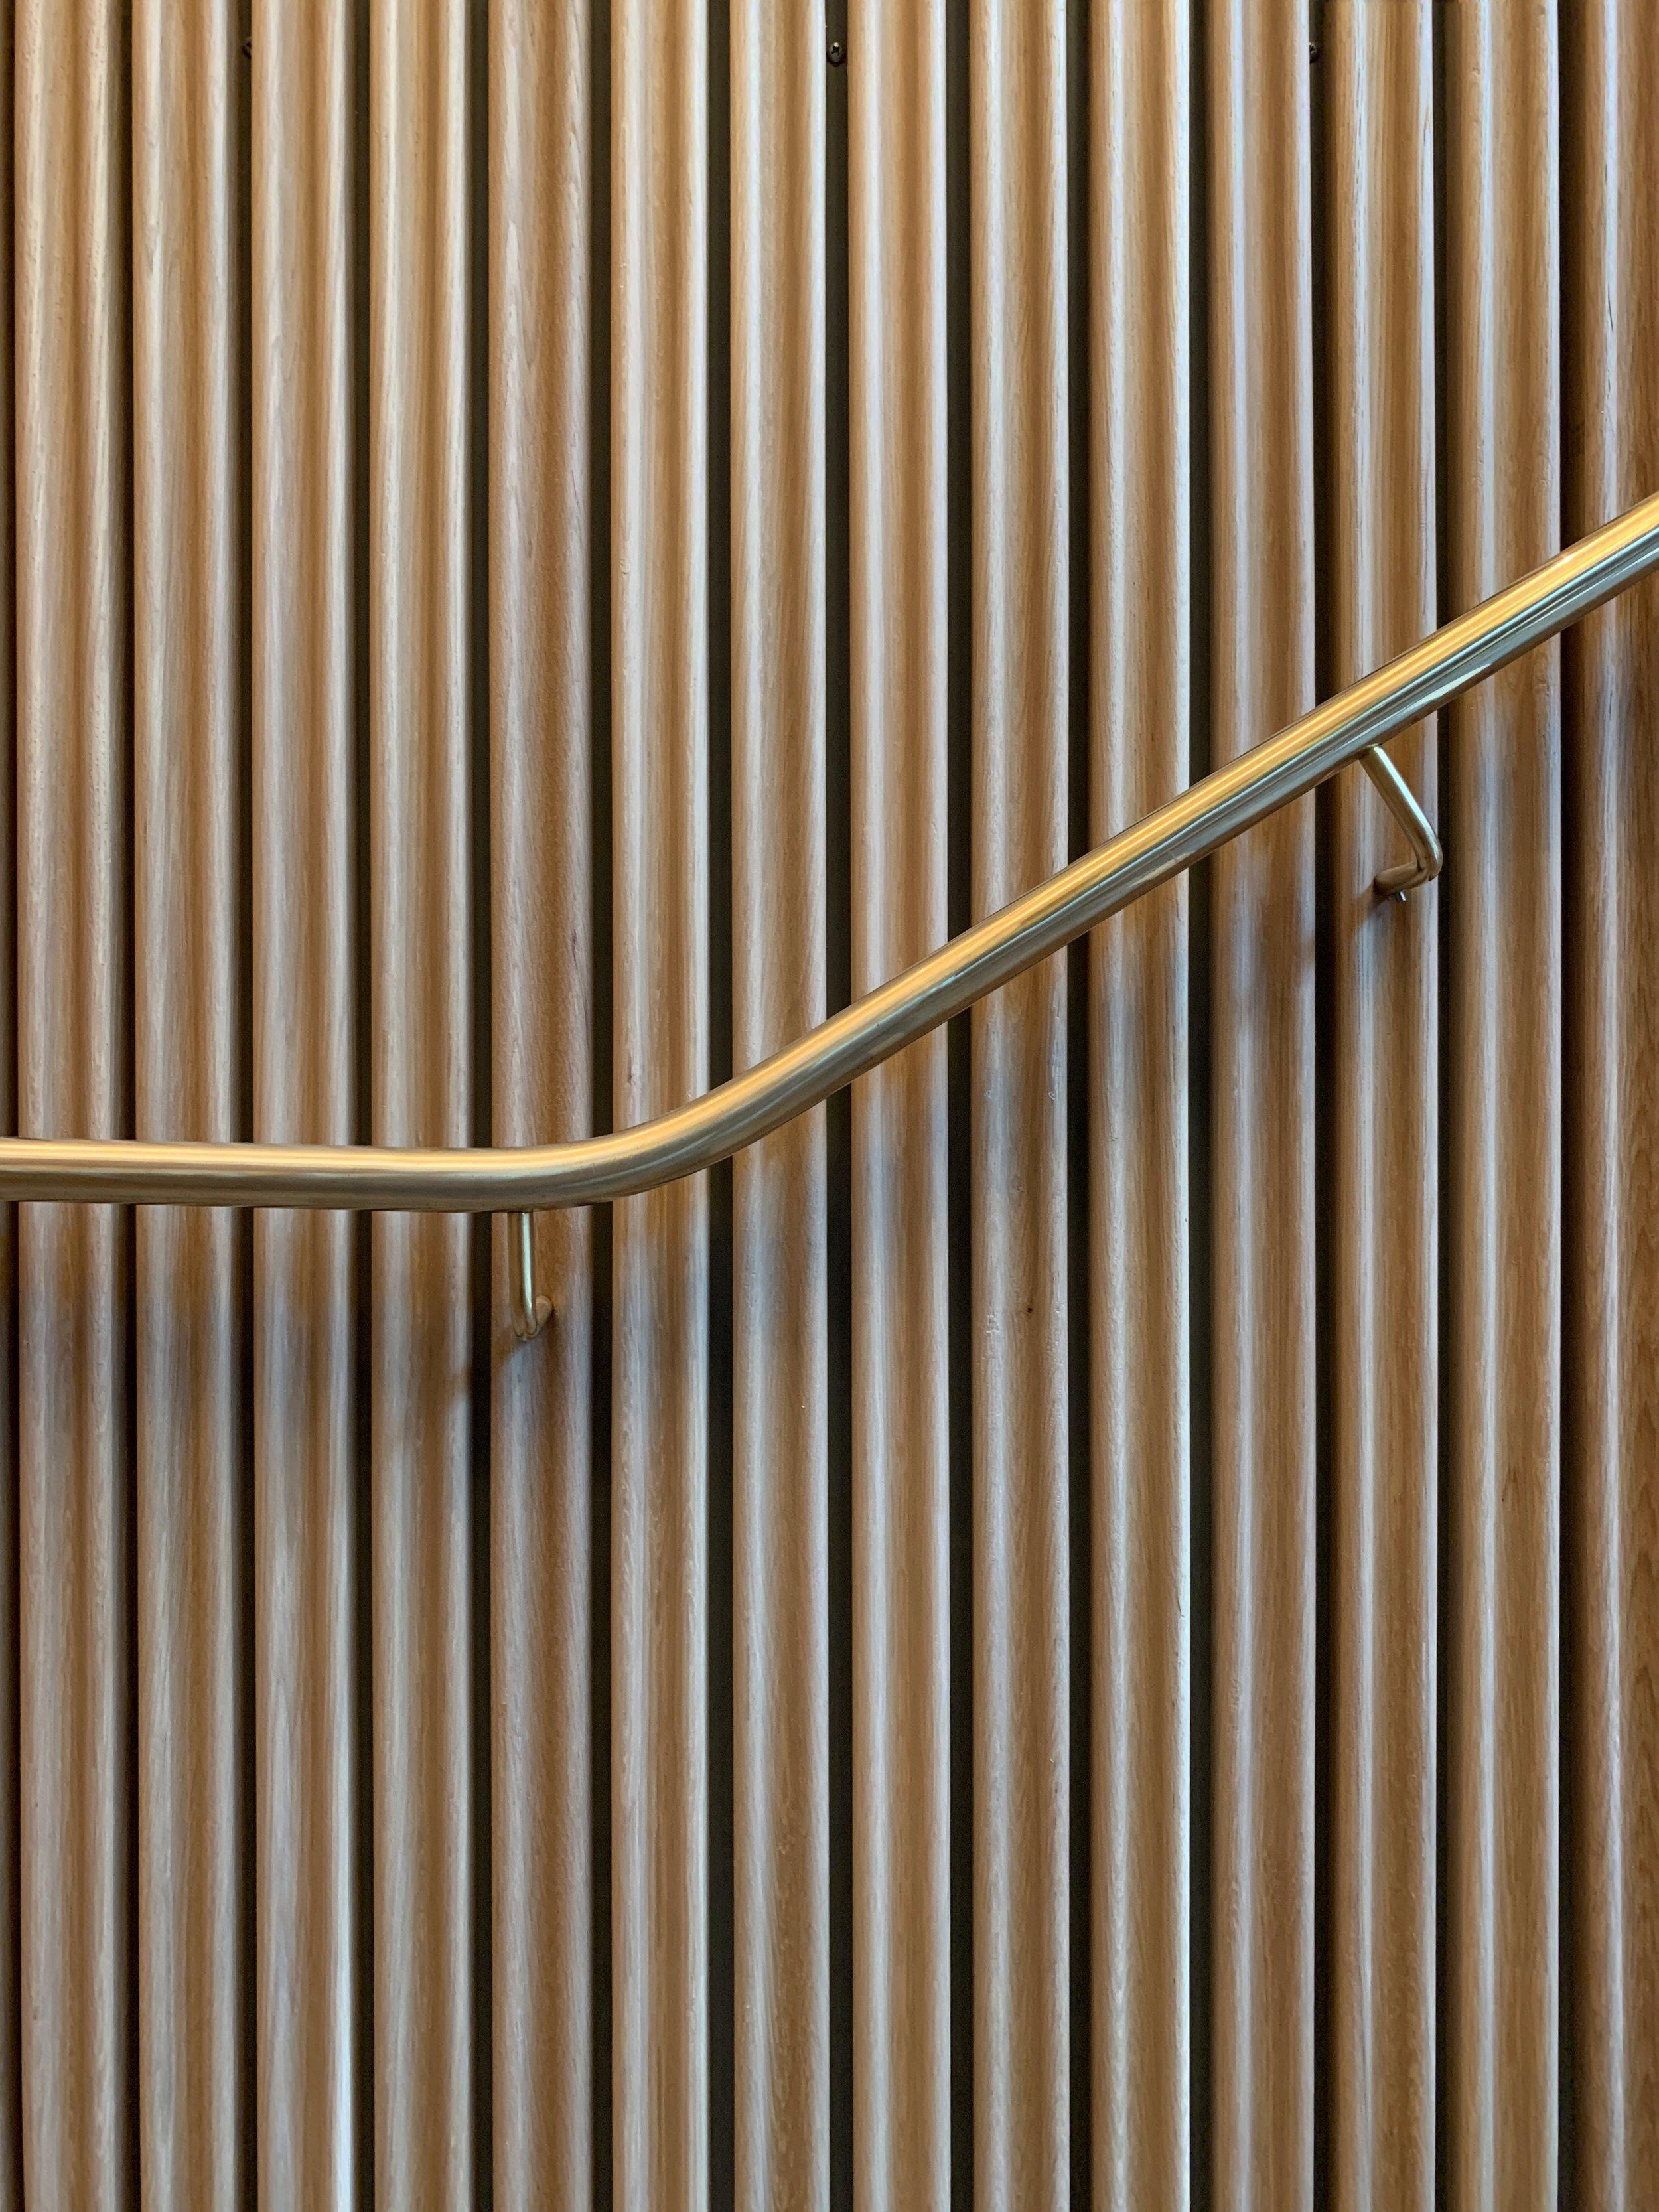 Restaurant Tivander architect drawn staircase, brass hand railing